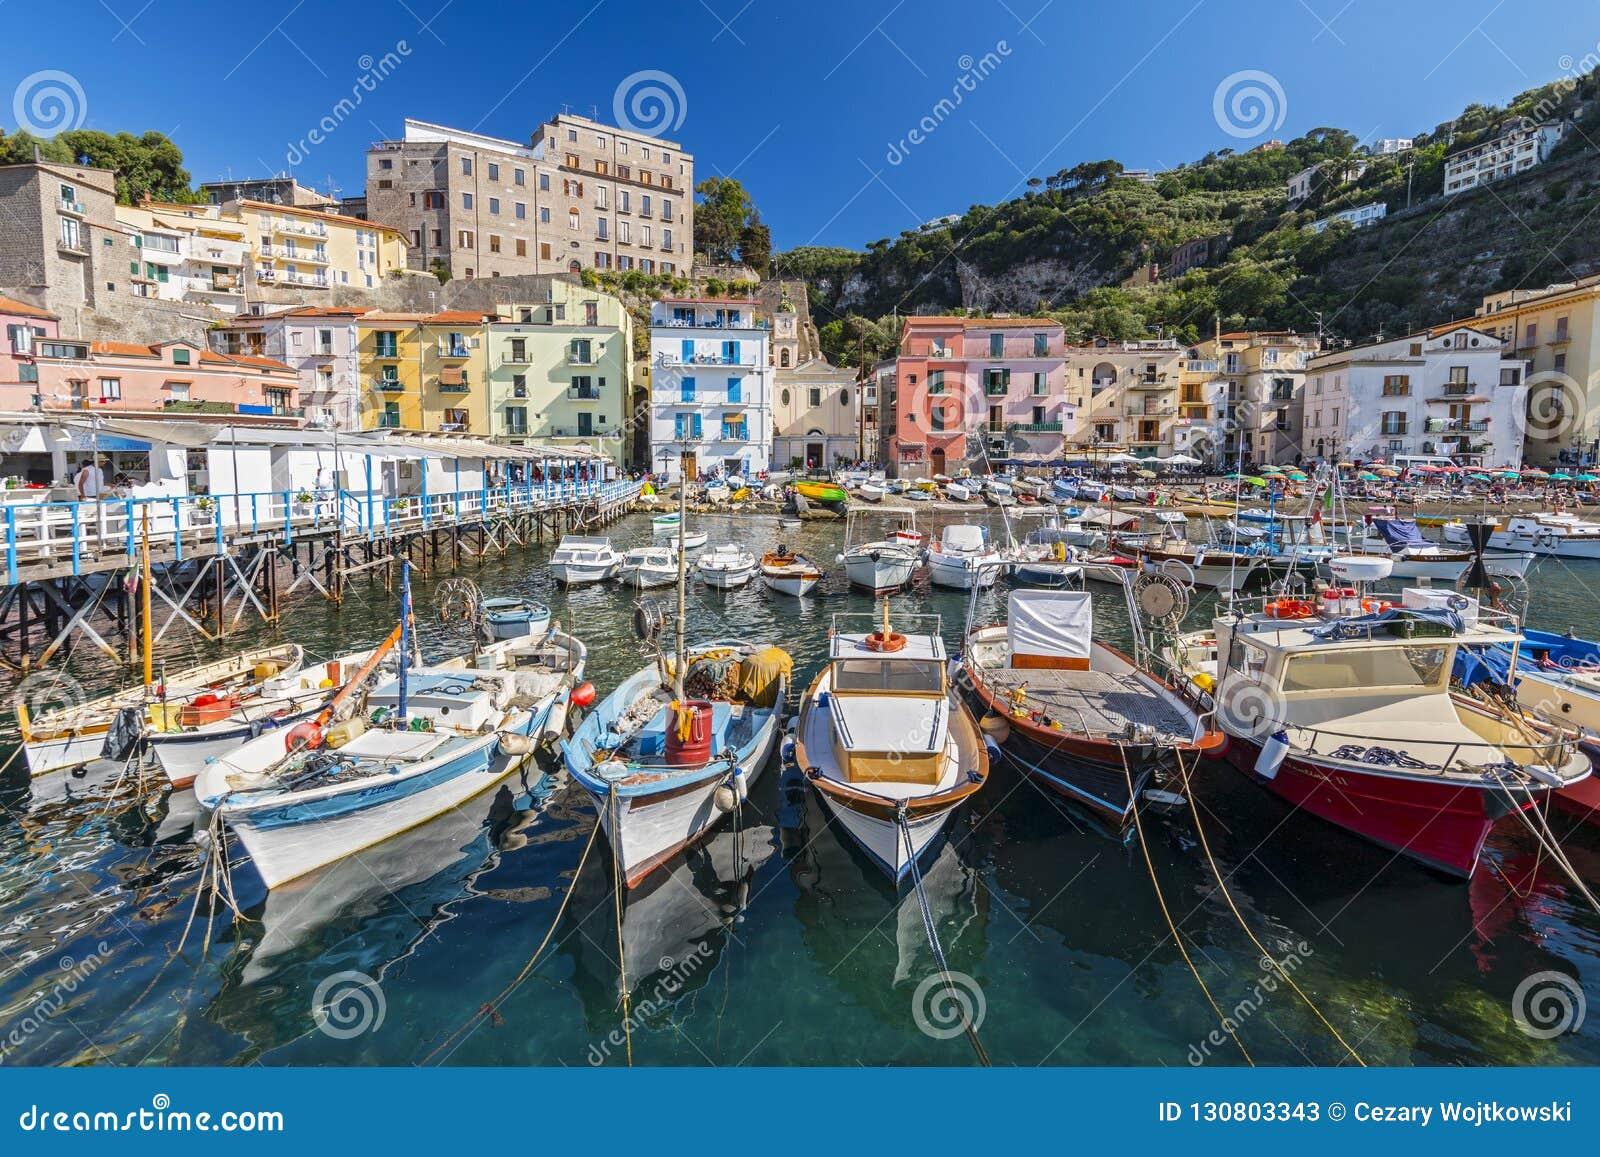 Små fiskebåtar på hamnen Marina Grande i Sorrento, Campania, Amalfi kust, Italien